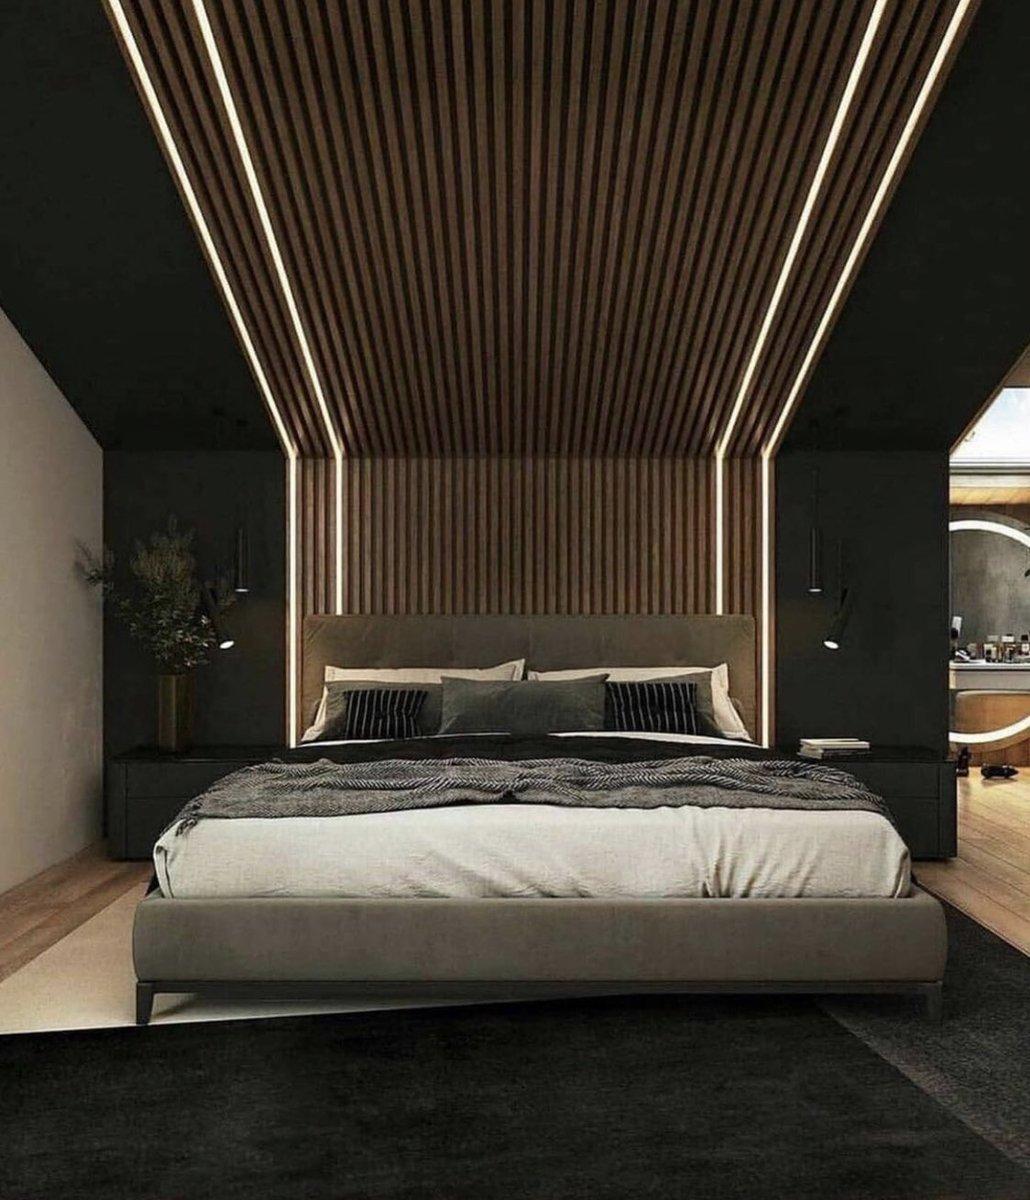 Im in love with this home... #interior #interiordesign #goals #architecture #buildingdesign.